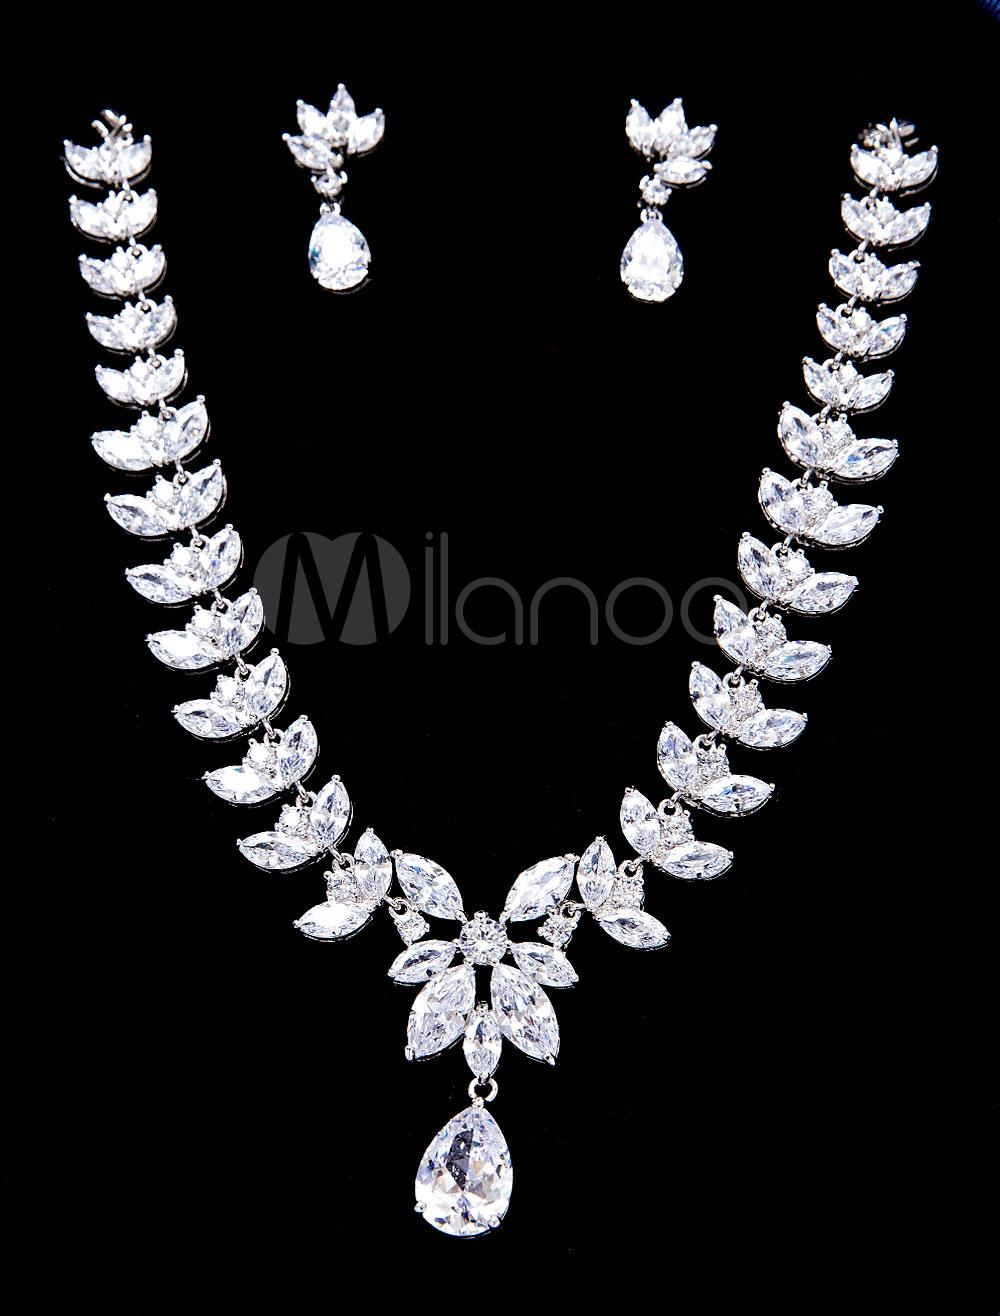 517326fec778 ... Set de joyería Pendientes de clip de metal para chicas plateado estilo  clásico para boda -. 1. -35%. color plateado